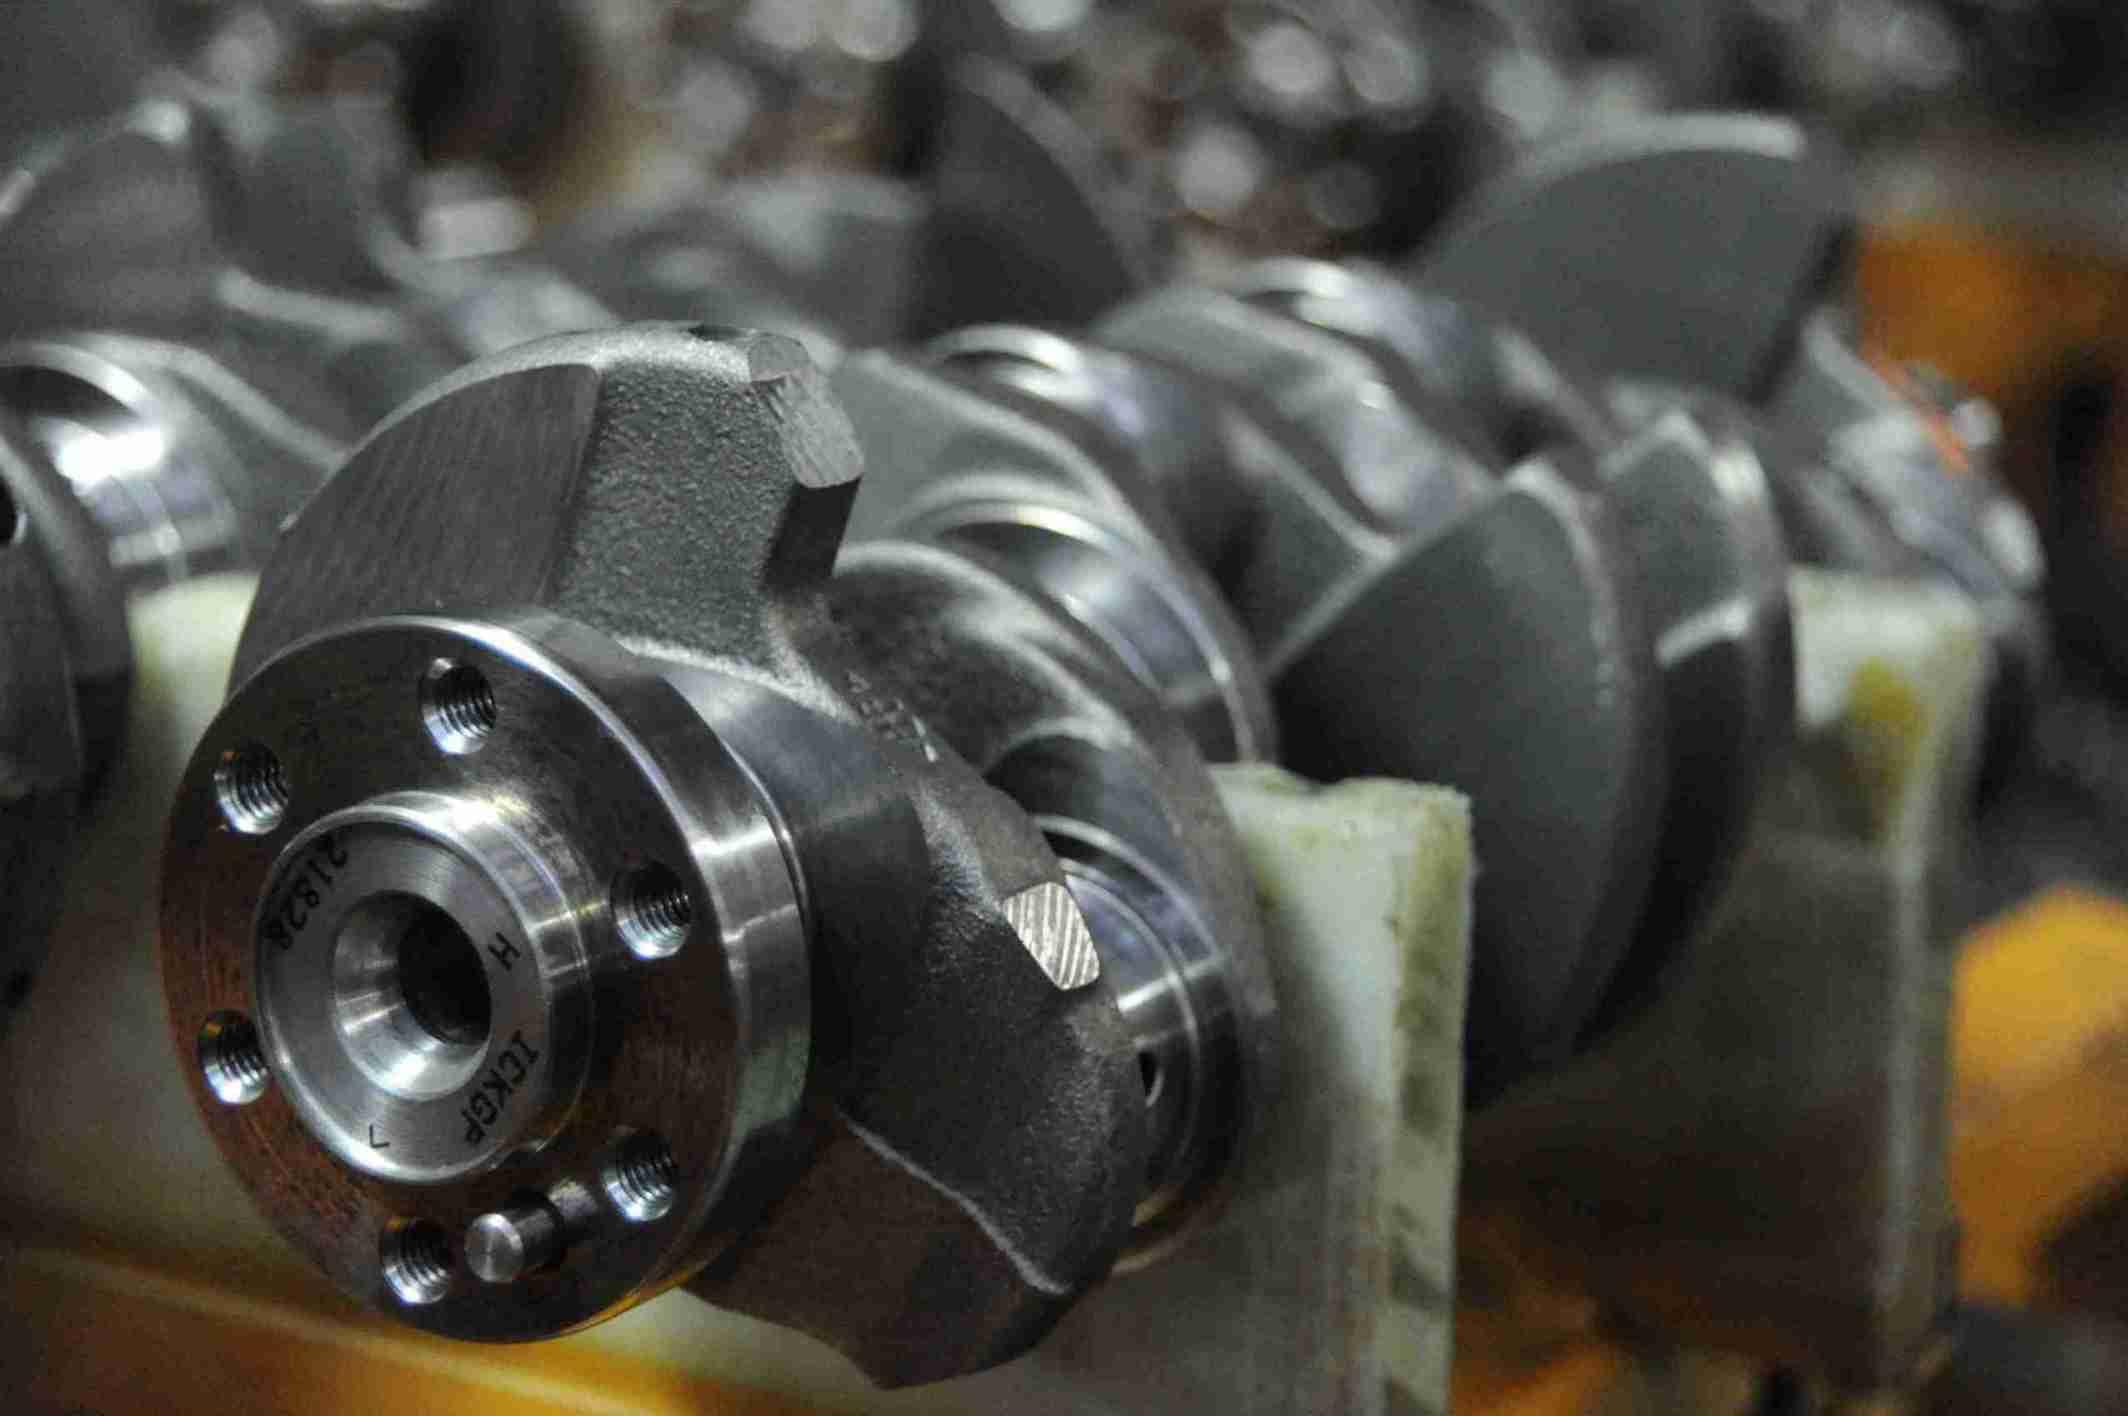 قطعات خودرو داخلی سازی - صنعت قطعه سازی کشور توان تامین نیاز داخل را دارد